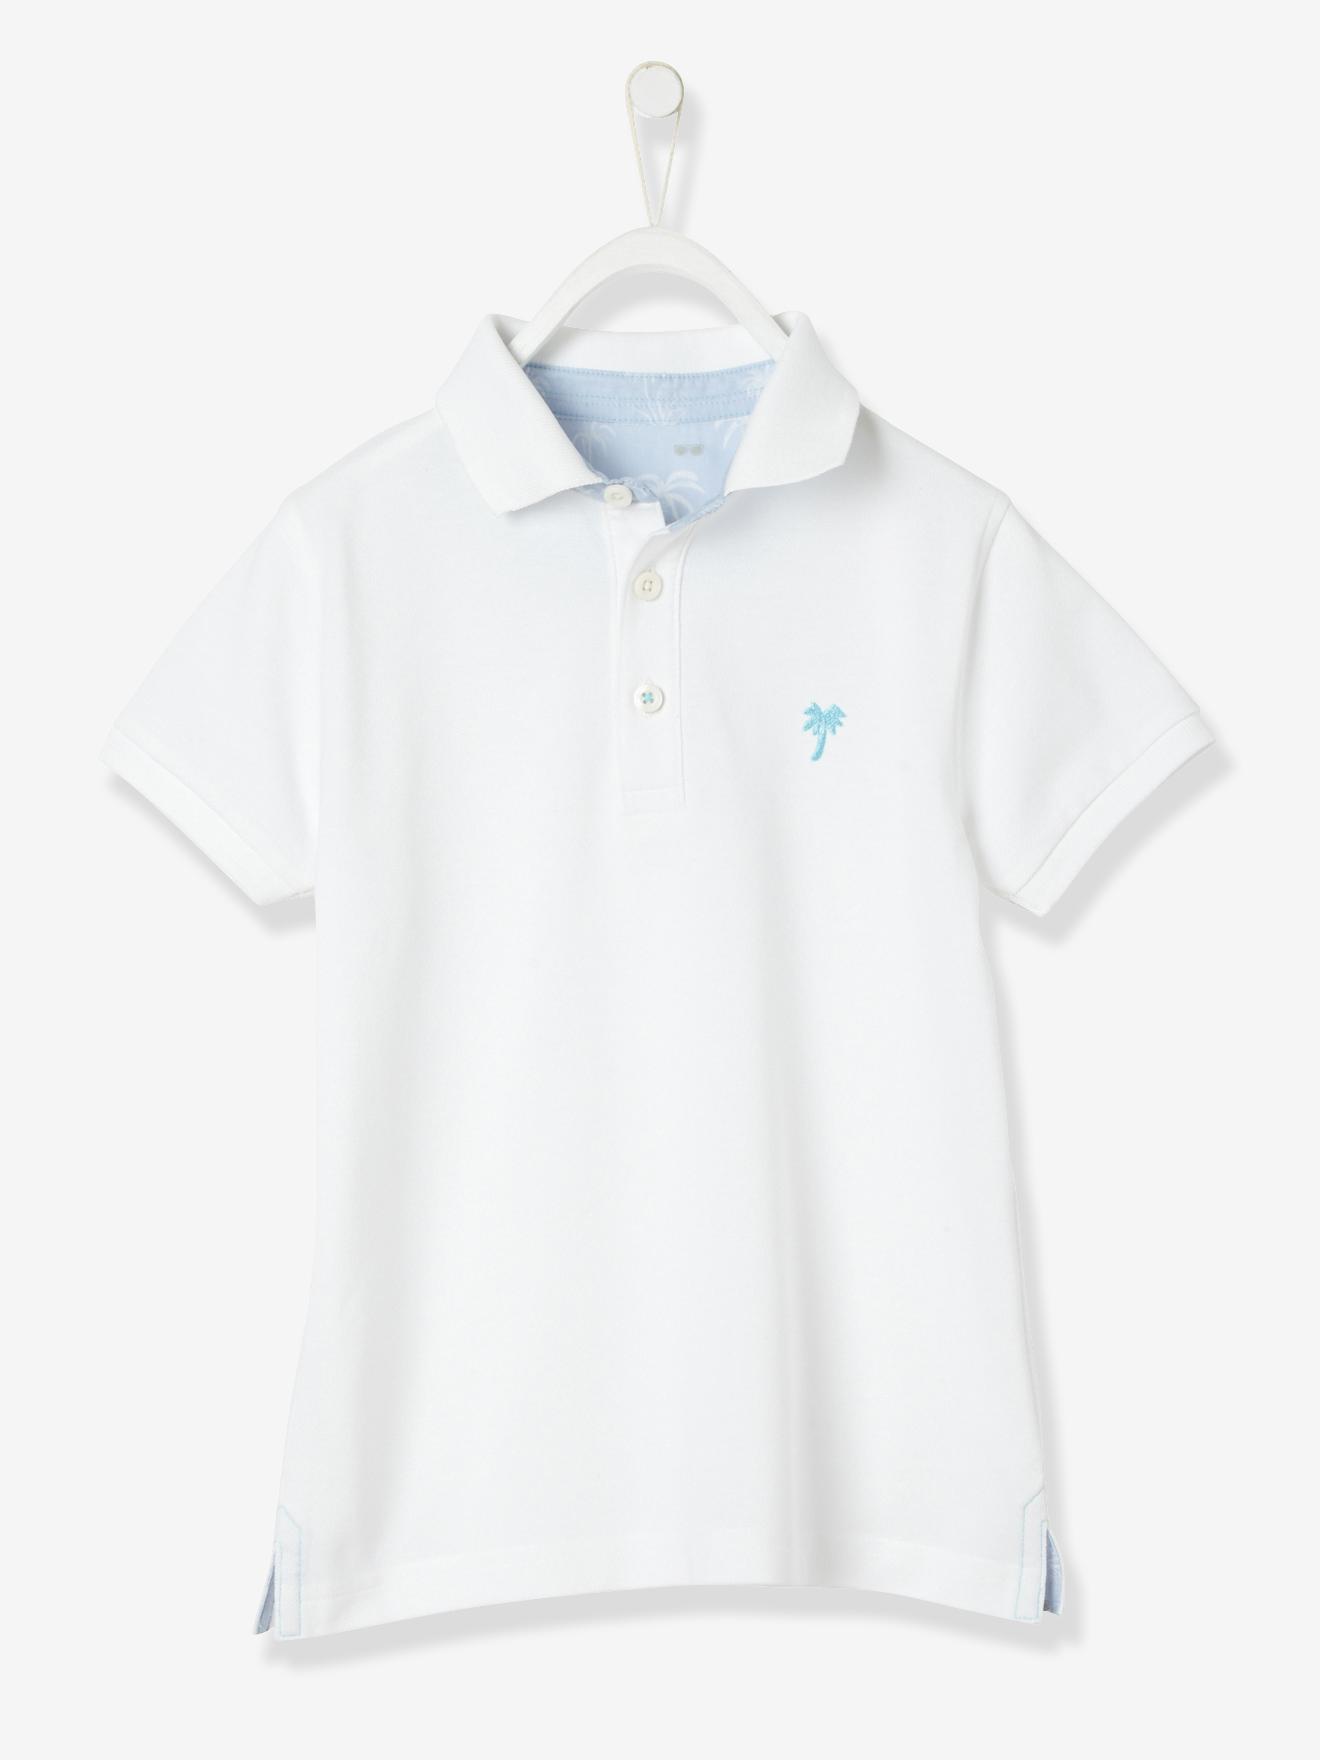 1320x1760 Boy's Short Sleeved Polo Shirt, Boys